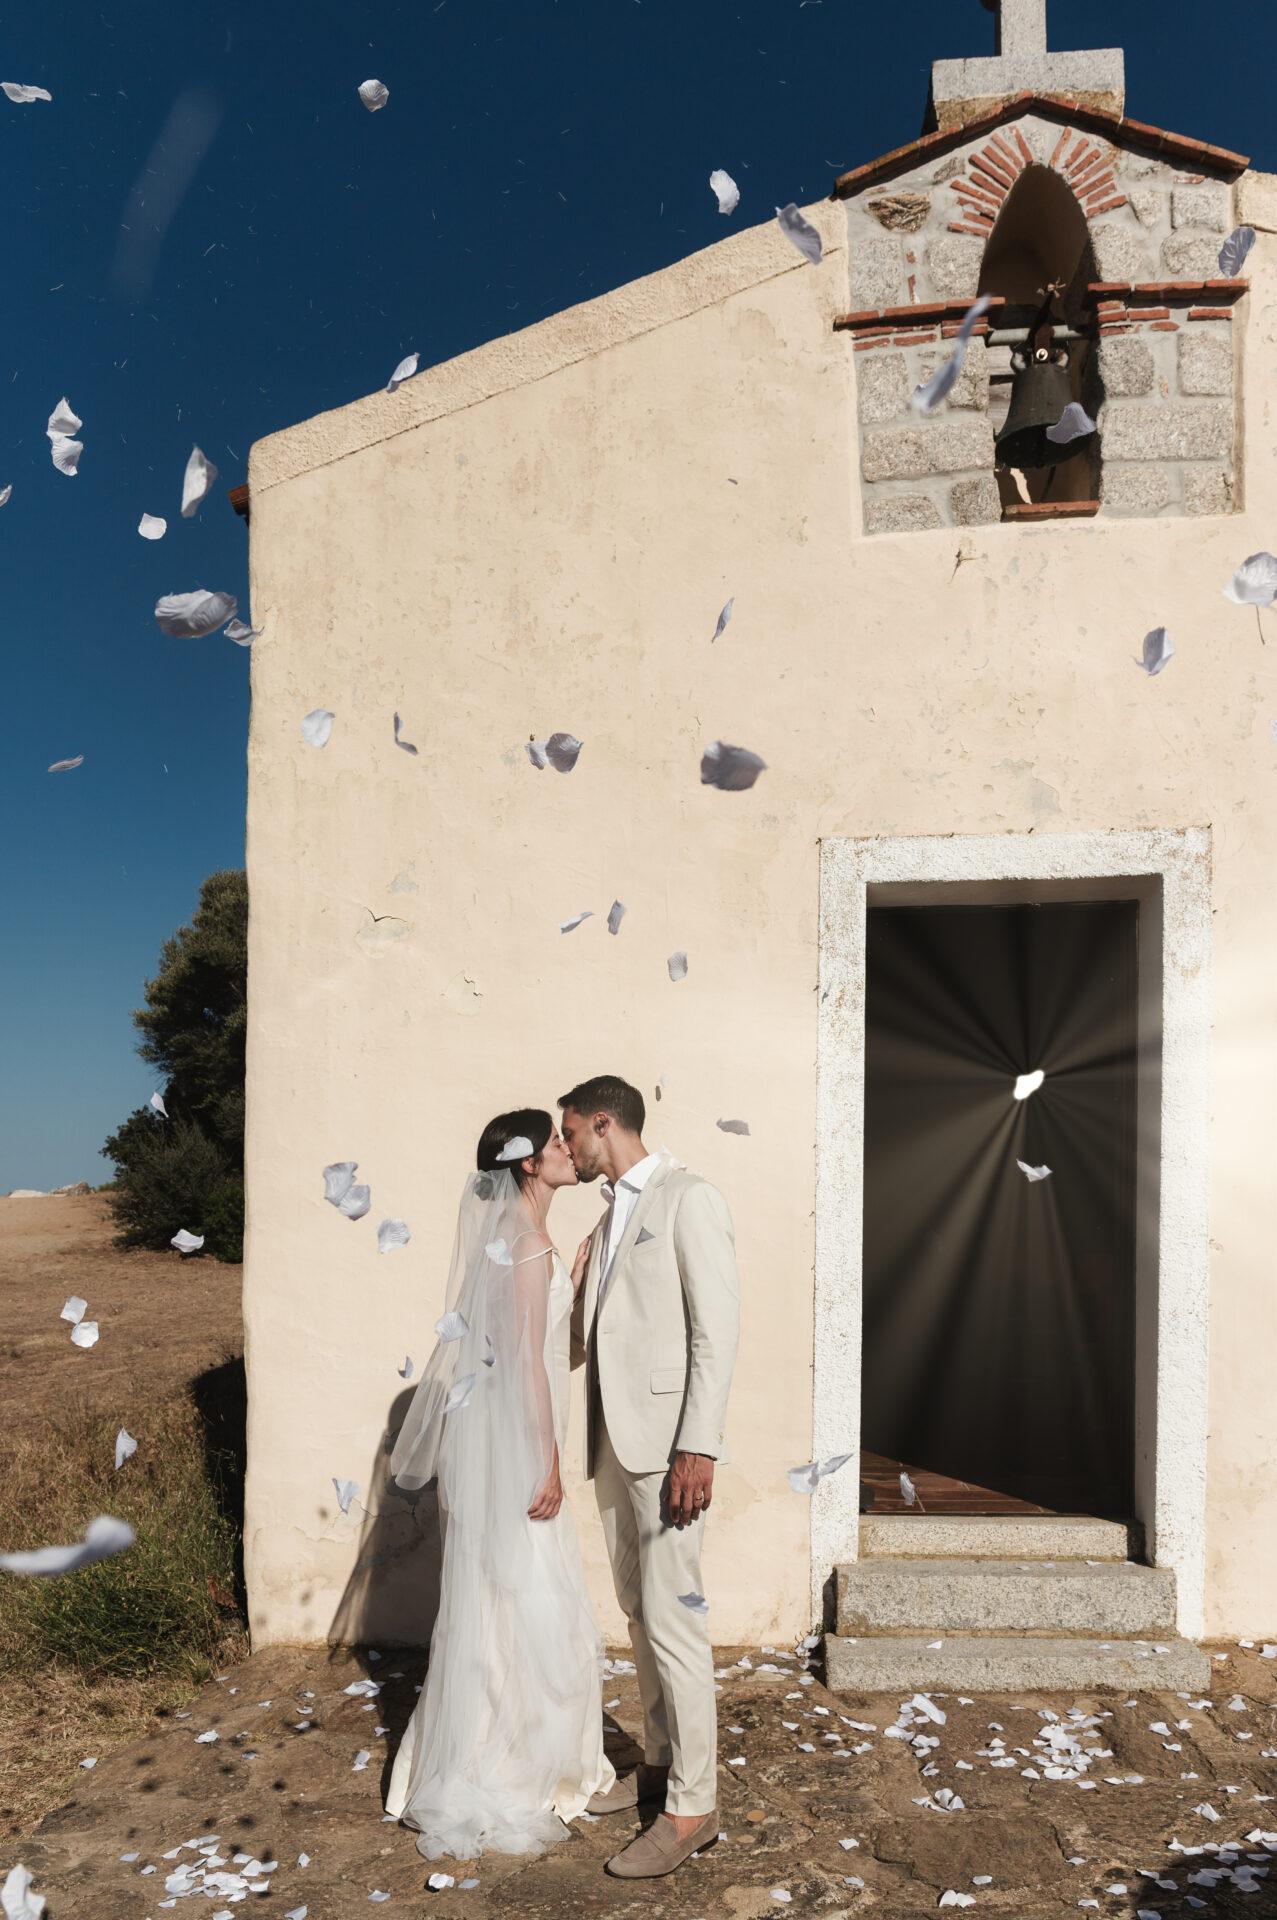 DSC6751 - Matrimonio in Sardegna